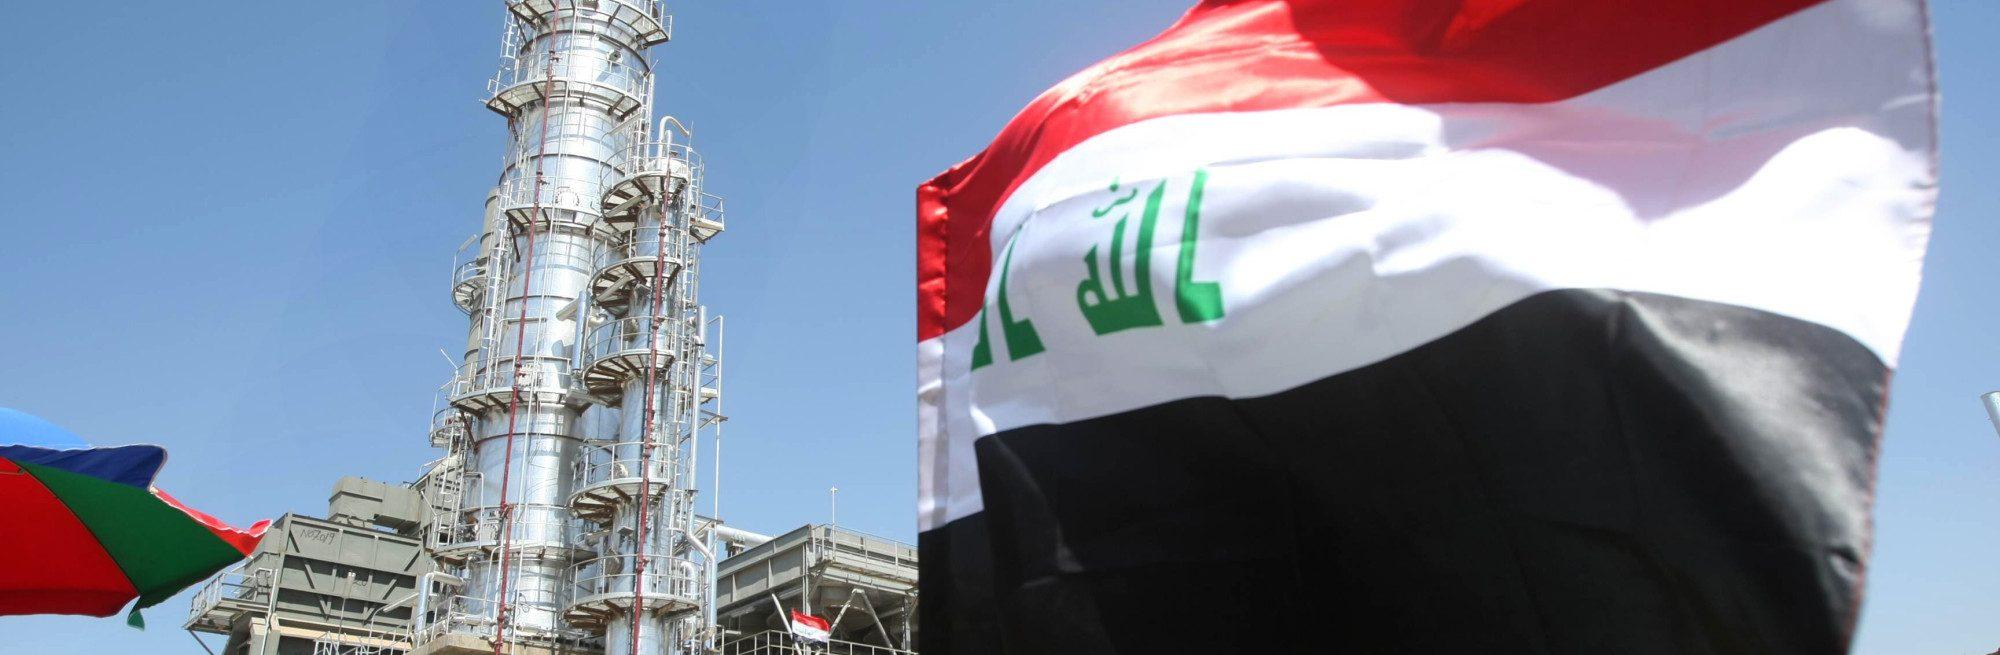 Iraq oil exports